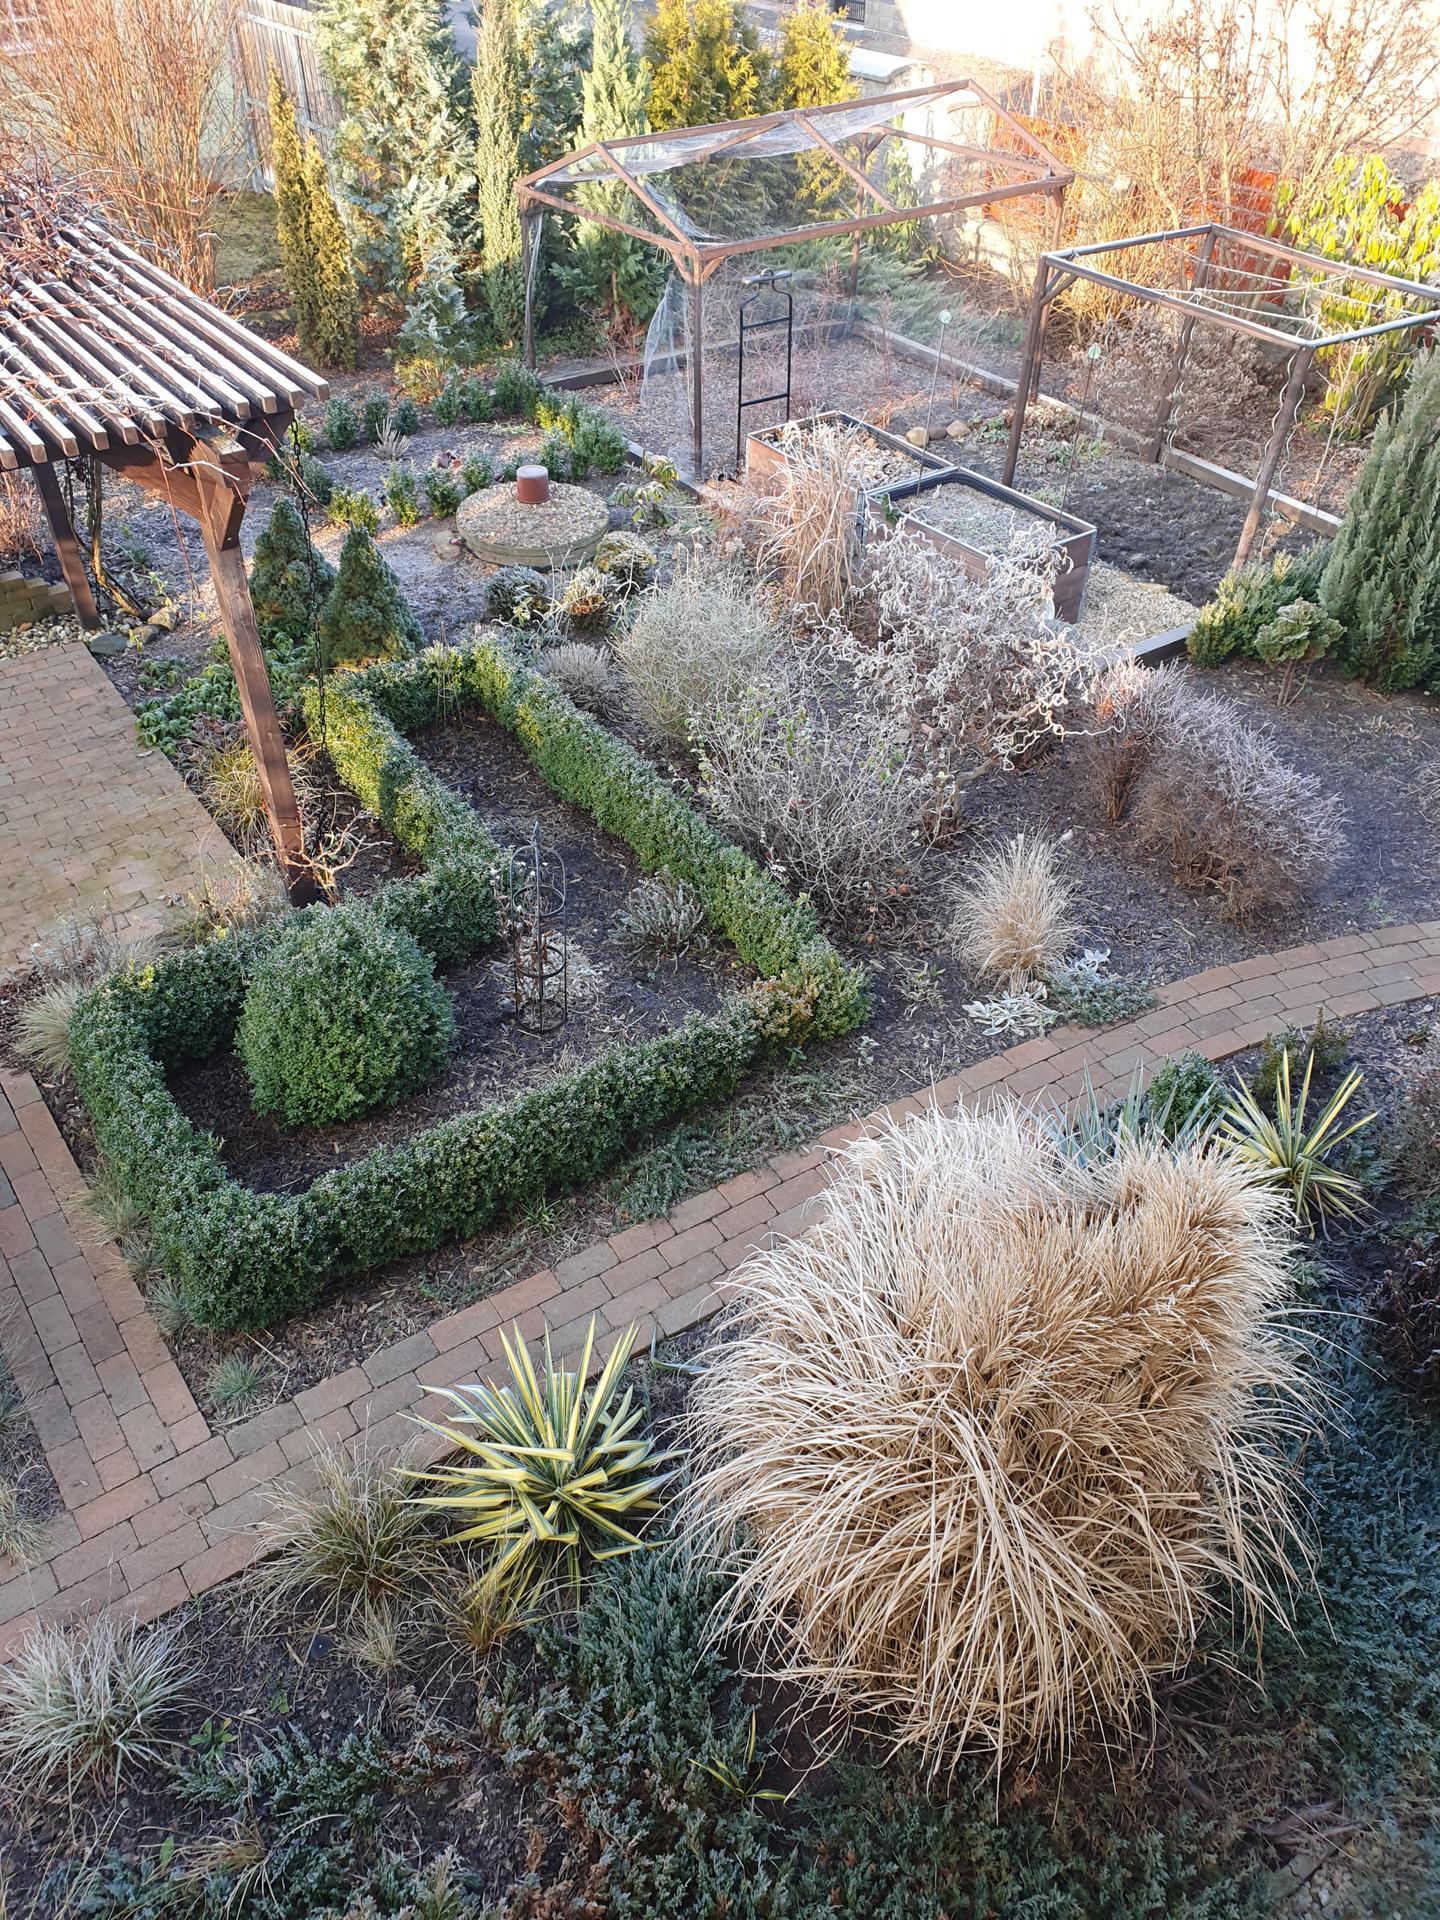 Zahrada ozdobená mrazem - Obrázek č. 2